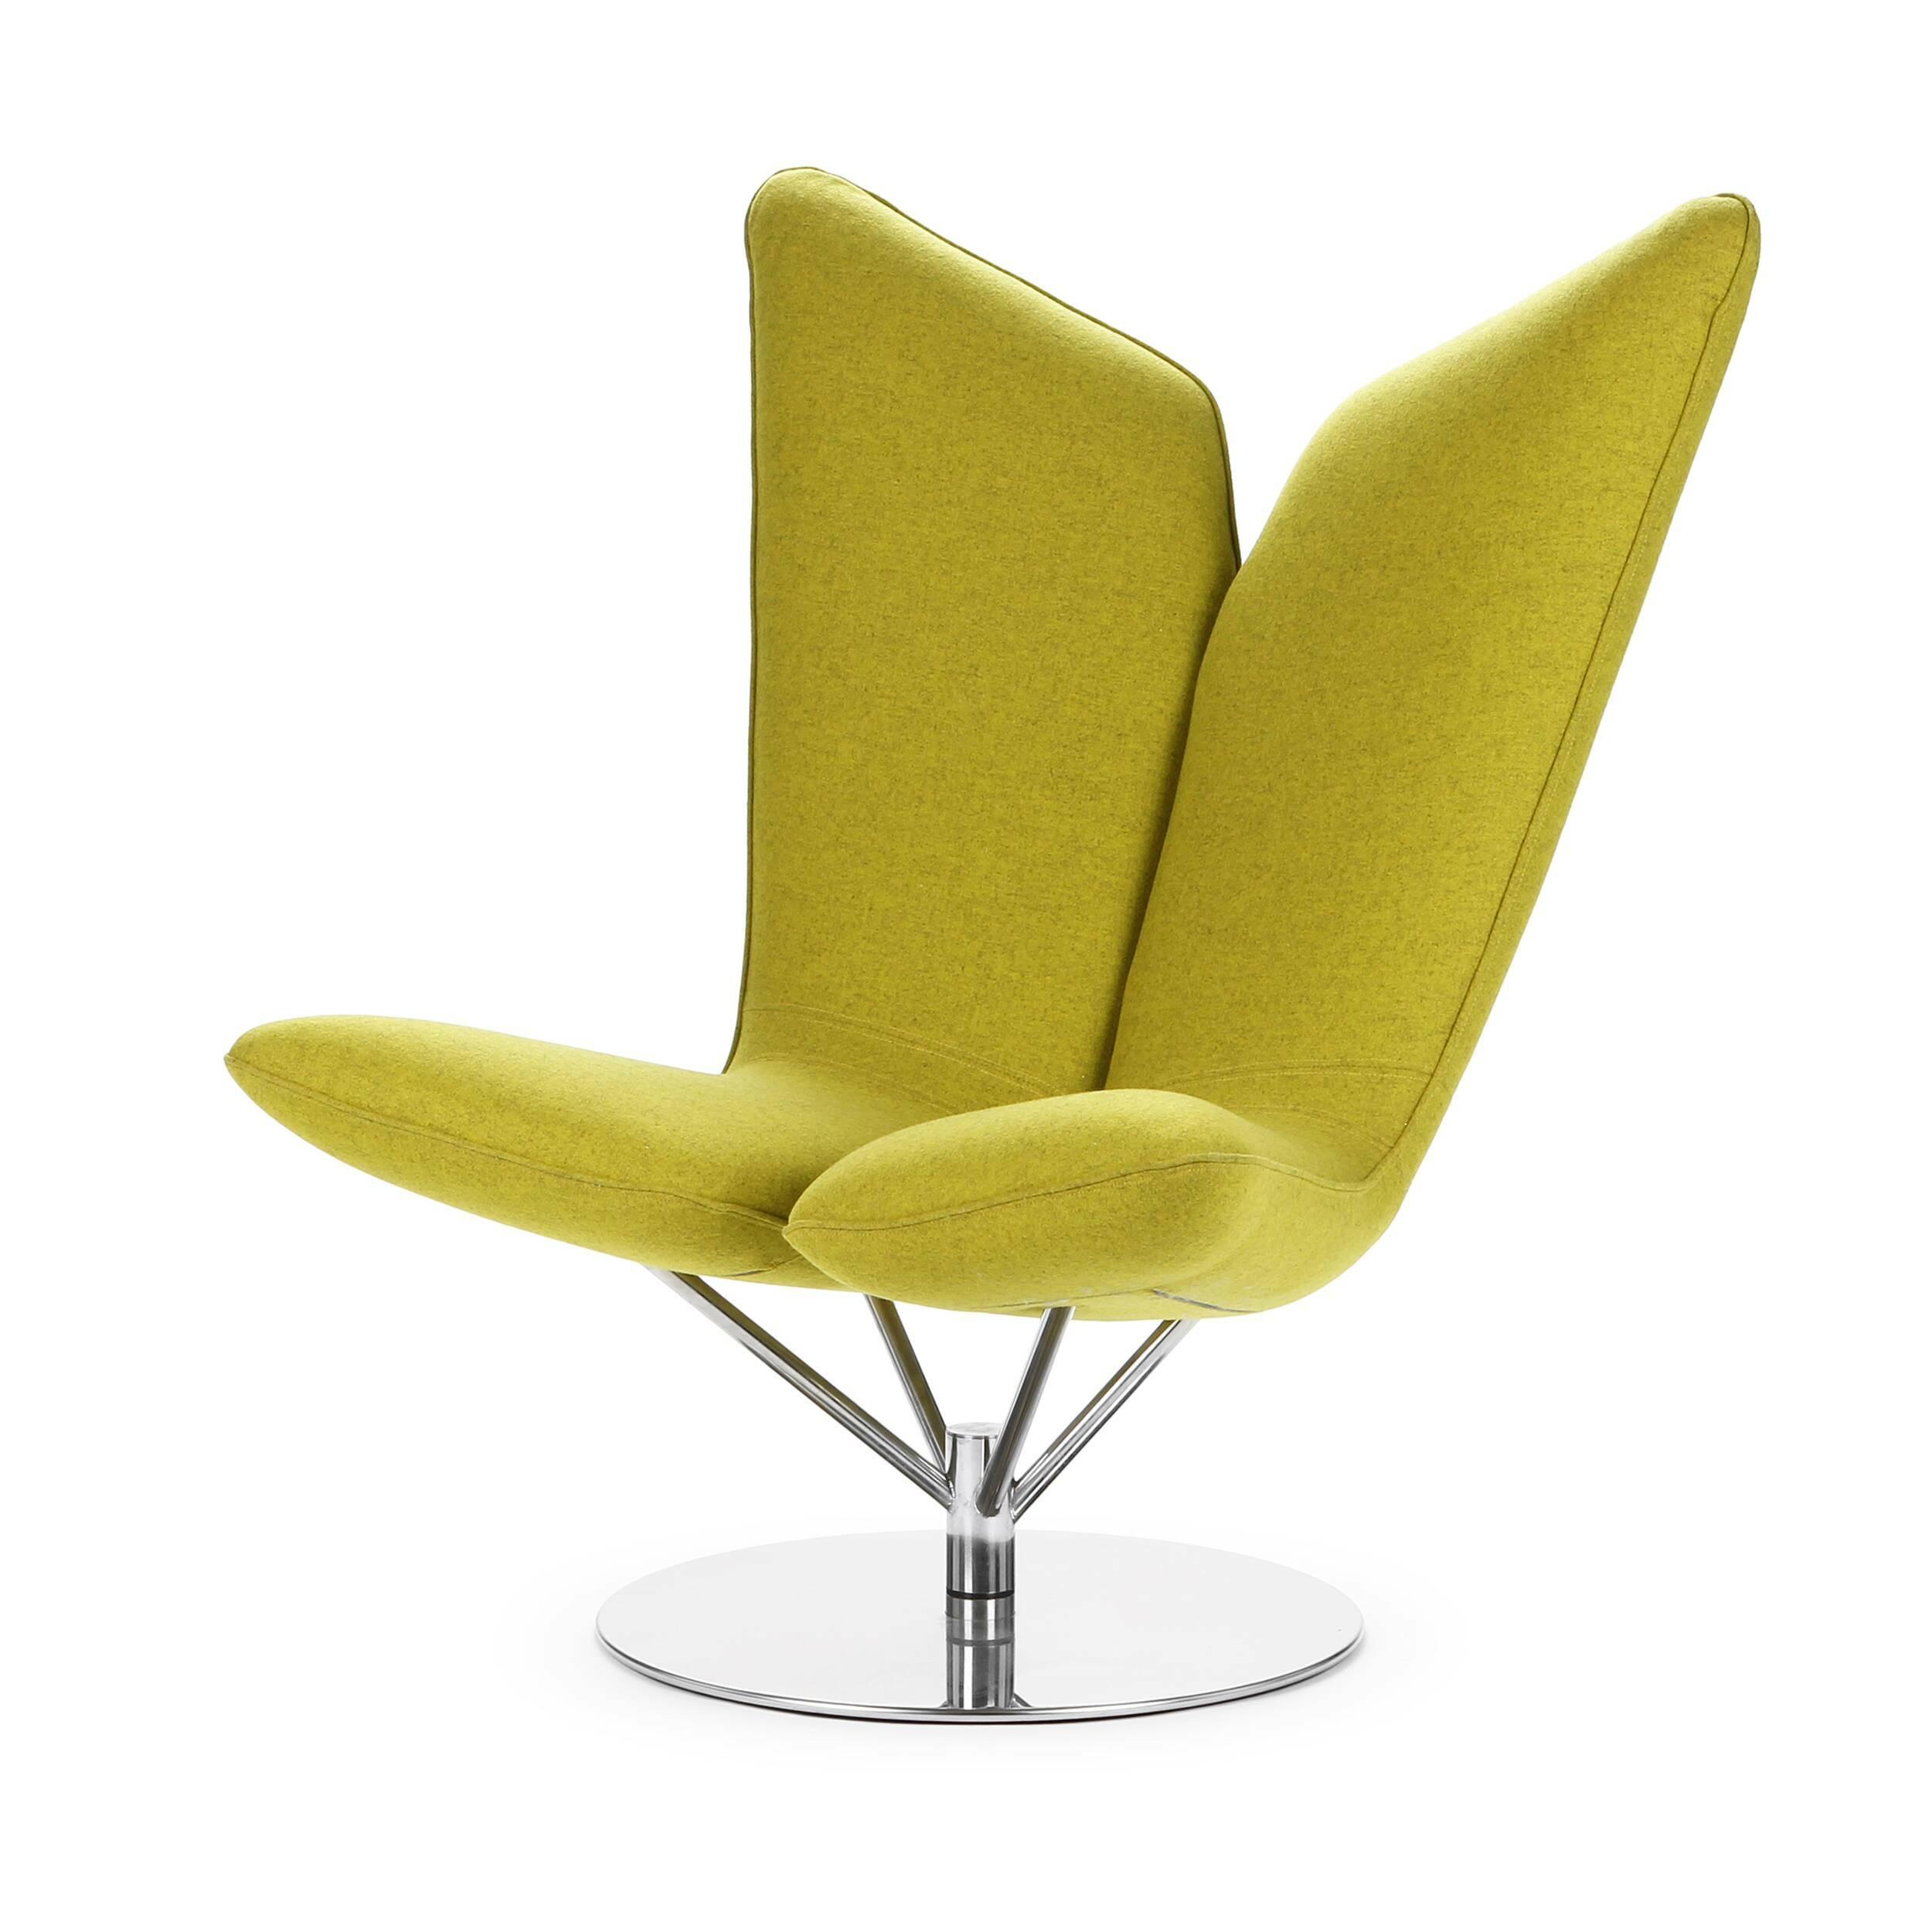 Кресло AngelИнтерьерные<br>Дизайнерское удобное кресло Angel (Ангел) в форме крыльев из тканевой обивки от Softline (Софтлайн).<br> <br><br><br> Кресло Angel — творение датского дуэта Флемминга Буска и Стефана Б.Херцога. Конструкции Буска и Херцога описываются выражениями «чистые» и «минималистичные»; их работы — это скульптурные формы с включением горизонтальных и вертикальных линий и геометрических фигур. Их проекты сочетают смелые цвета с явным указанием на датское дизайнерское наследие. Буск и Херцог развивают свои дизай...<br><br>stock: 0<br>Высота: 102<br>Высота сиденья: 42<br>Ширина: 81<br>Глубина: 76<br>Цвет ножек: Хром<br>Материал обивки: Шерсть, Полиамид<br>Коллекция ткани: Felt<br>Тип материала обивки: Ткань<br>Тип материала ножек: Сталь нержавеющая<br>Цвет обивки: Желтый